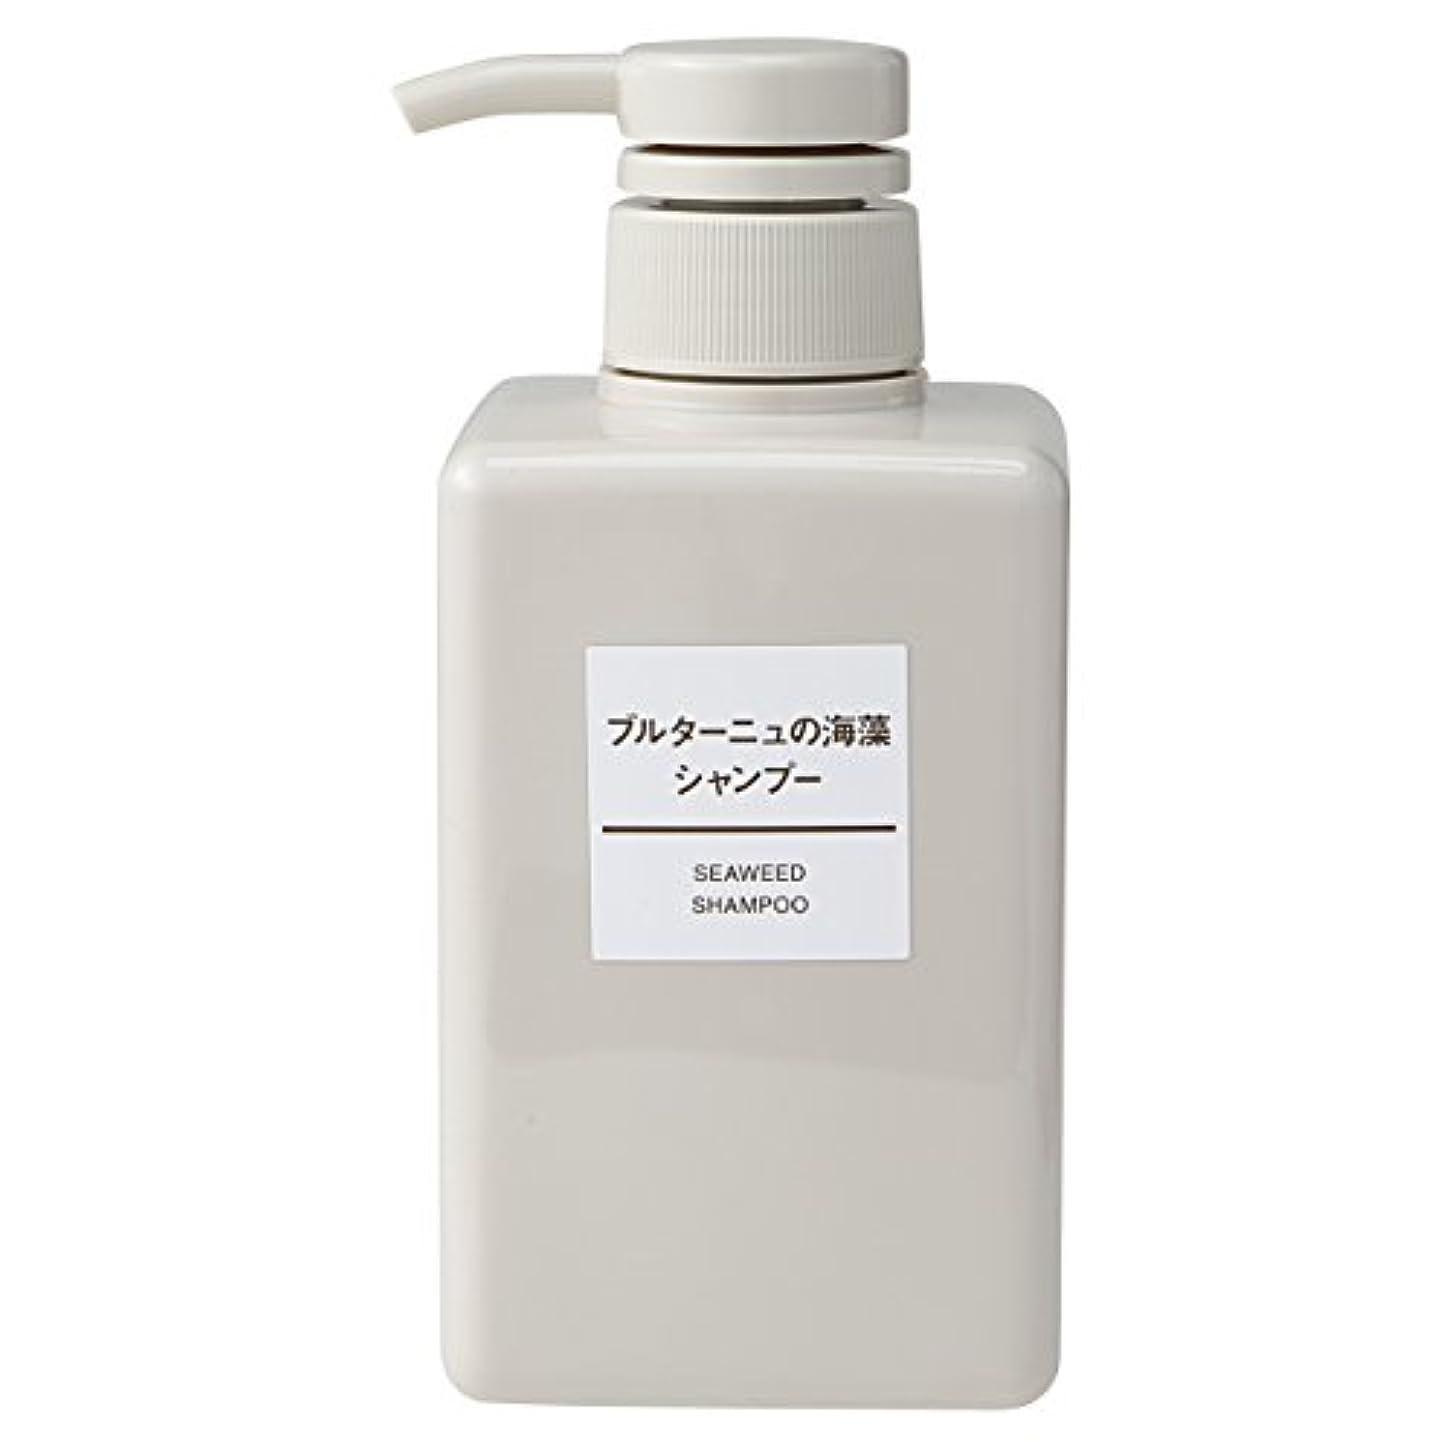 留まるより平らなパス無印良品 ブルターニュの海藻シャンプー 400ml 日本製